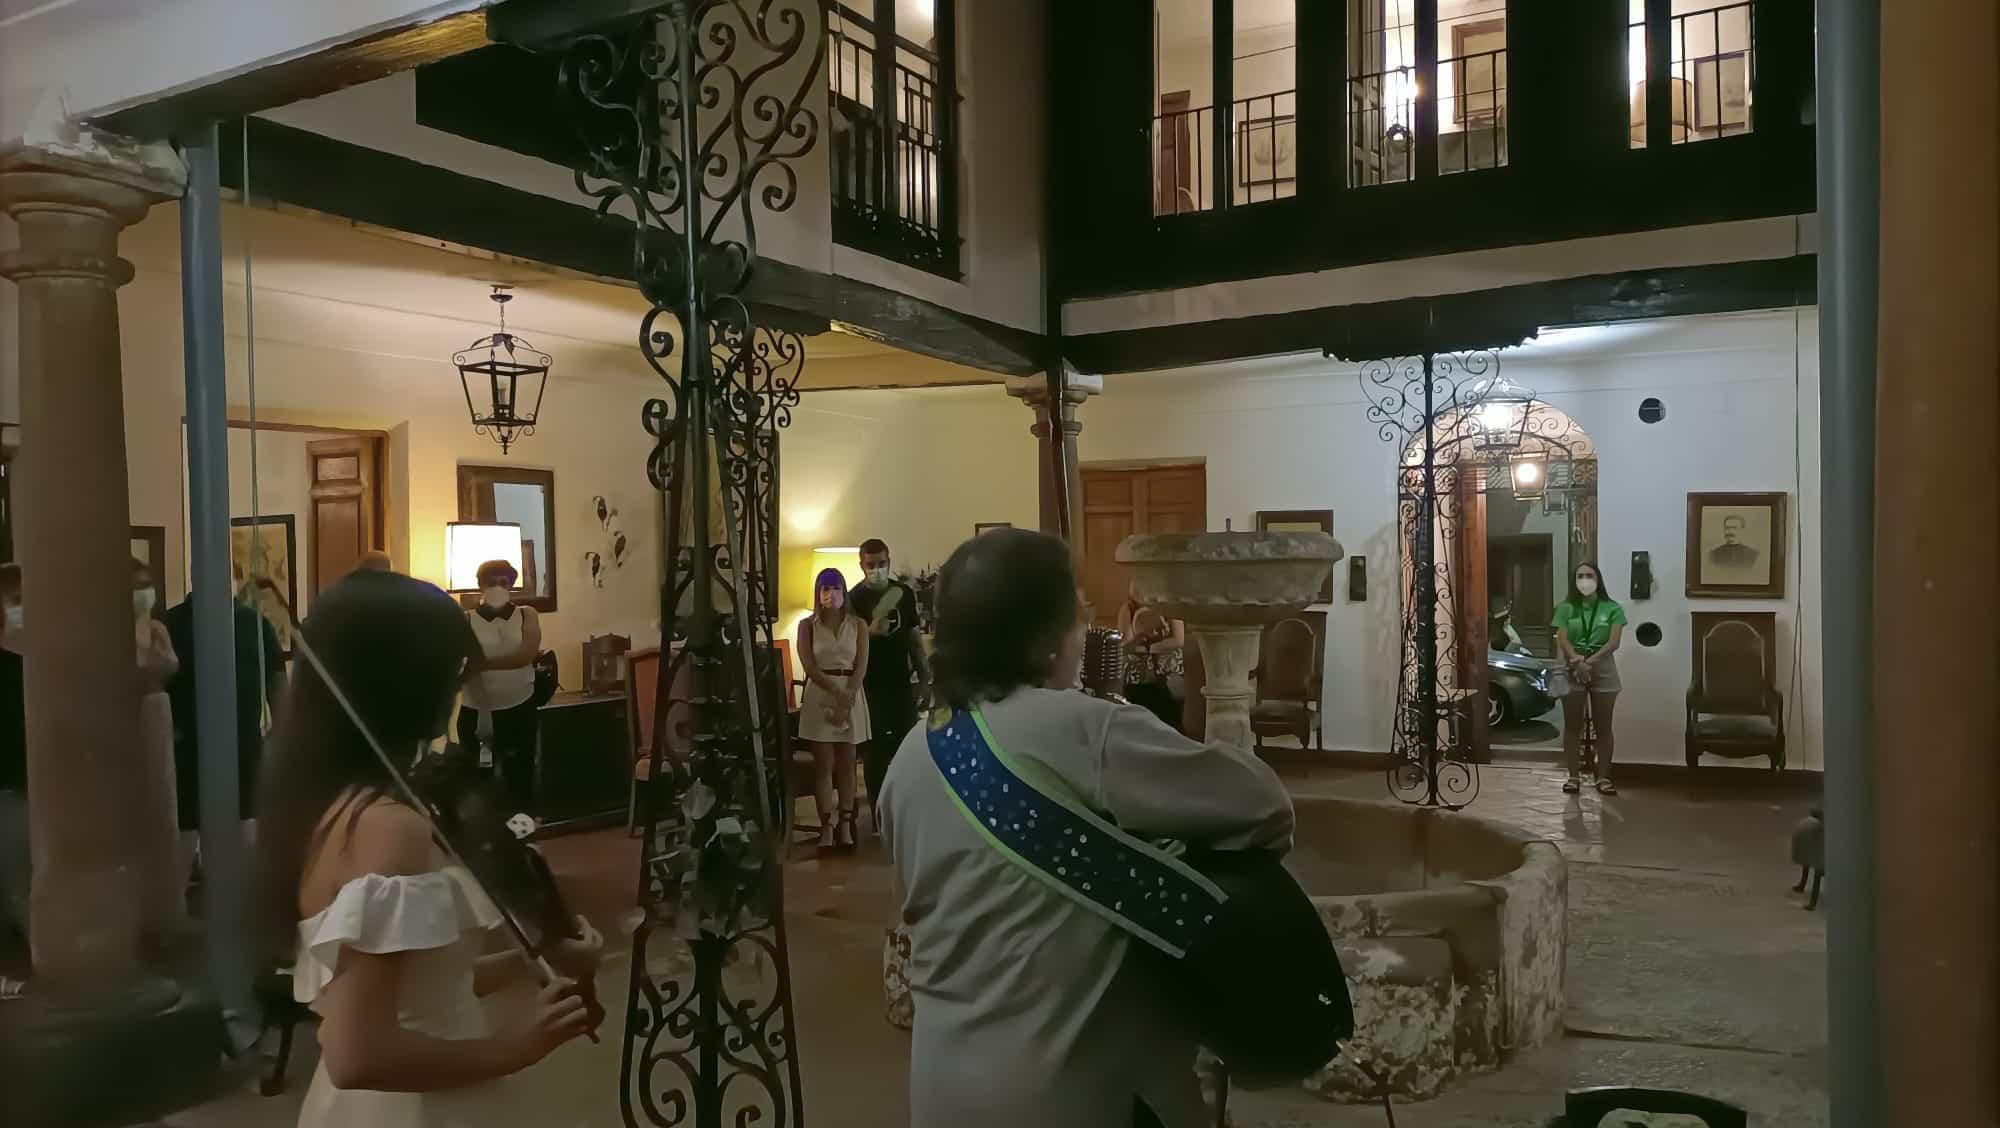 La Noche del Patrimonio es testigo del interés y valor de la riqueza y diversidad cultural de Herencia 26